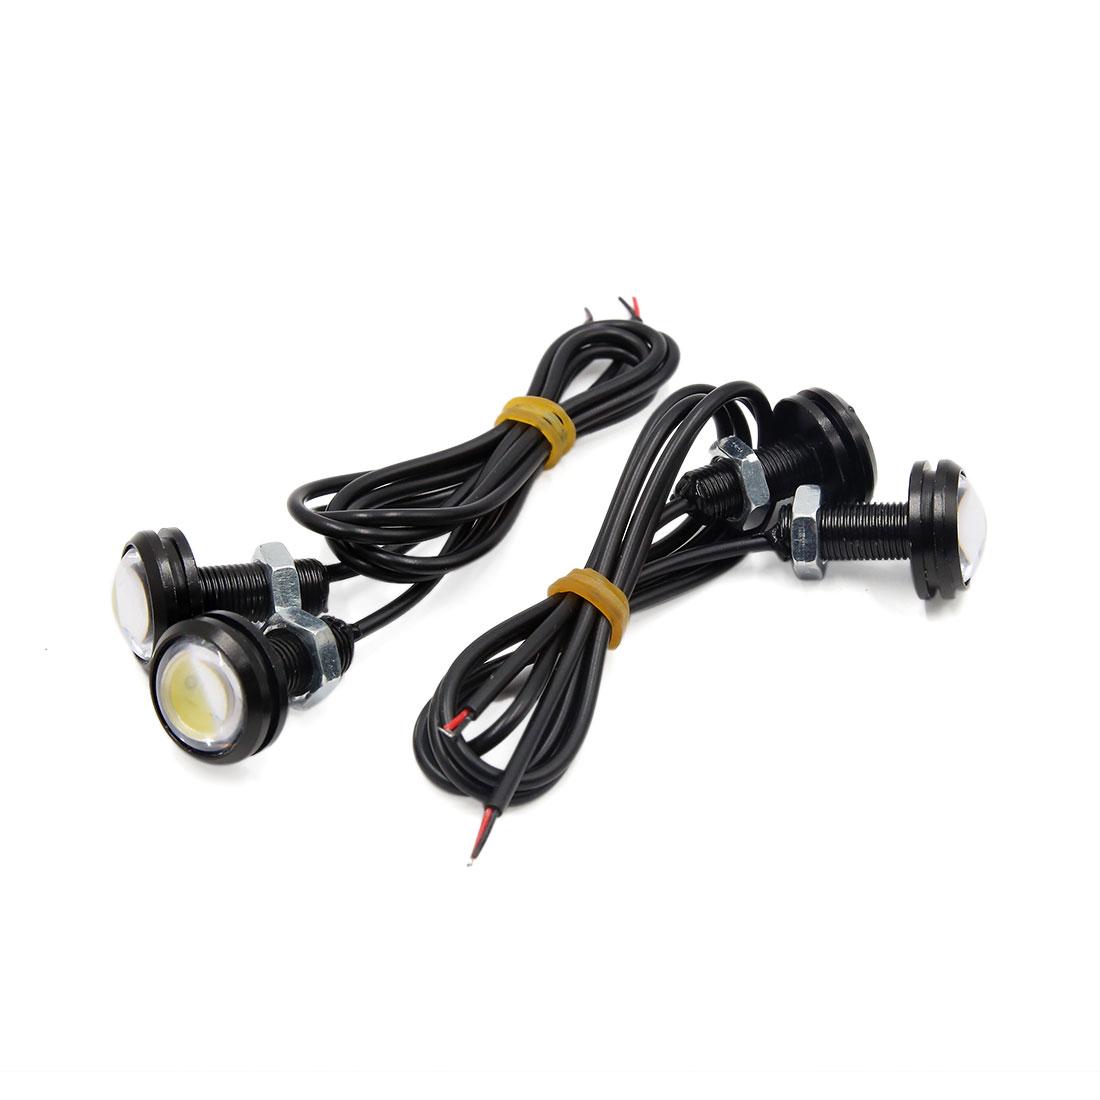 4pcs 21mm Dia White COB LED Eagle Eye DRL Backup Signal Lamp Light Bulb for Car